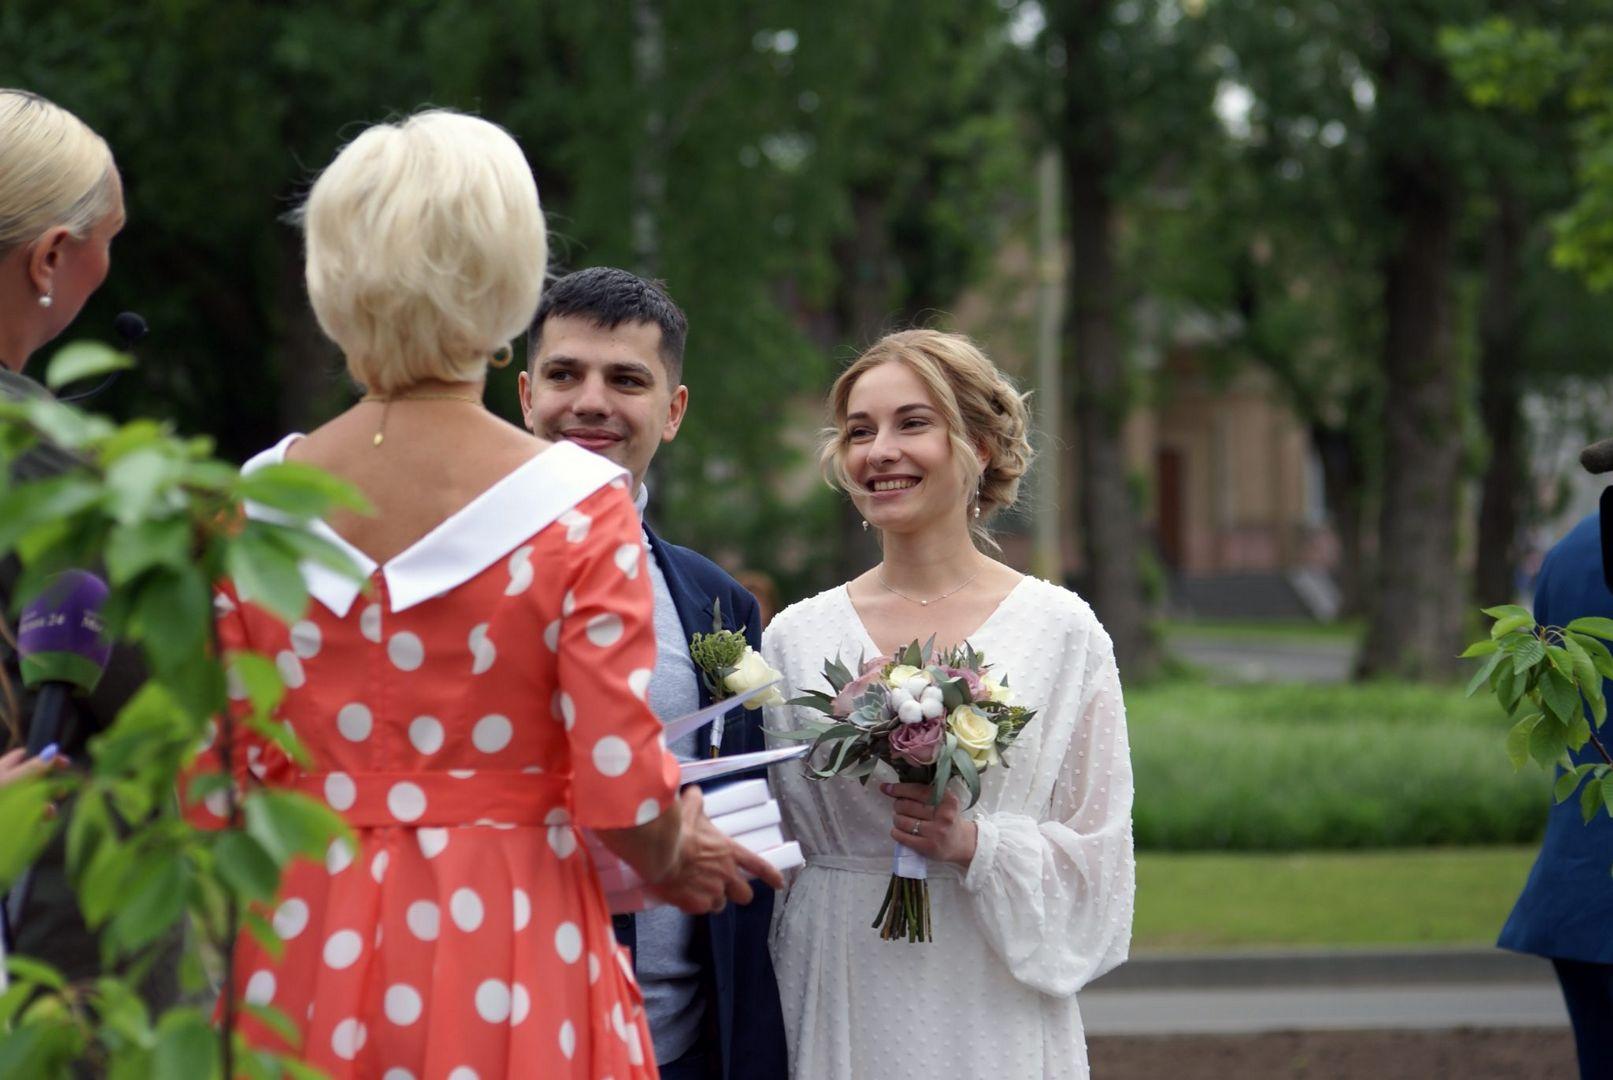 ЗАГС, свадьба